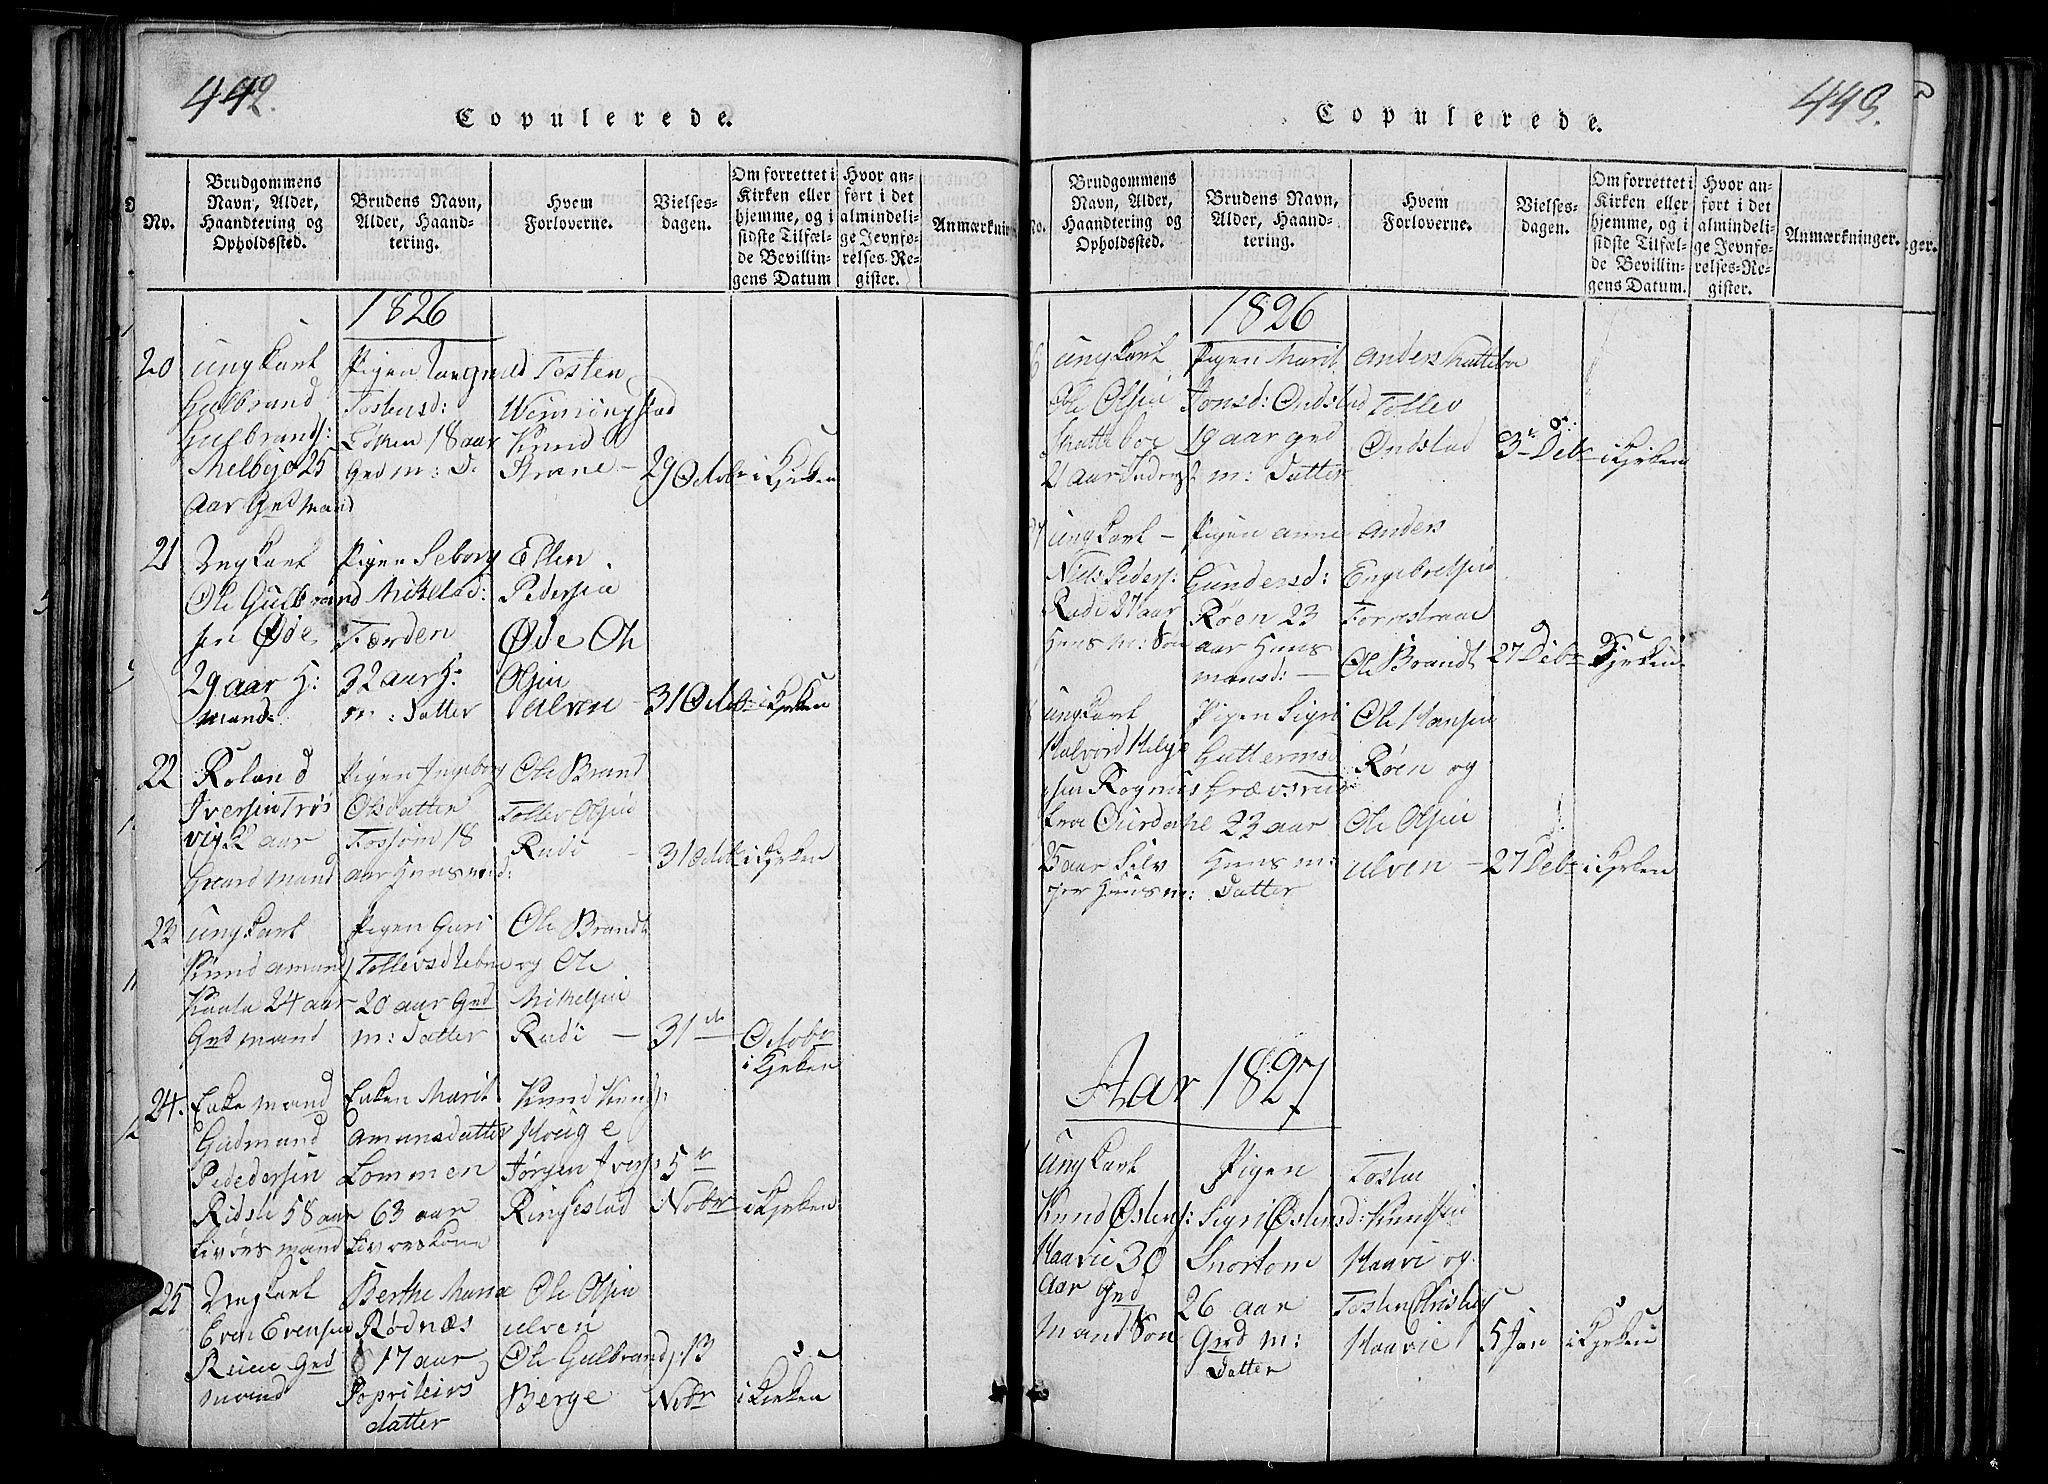 SAH, Slidre prestekontor, Ministerialbok nr. 2, 1814-1830, s. 442-443